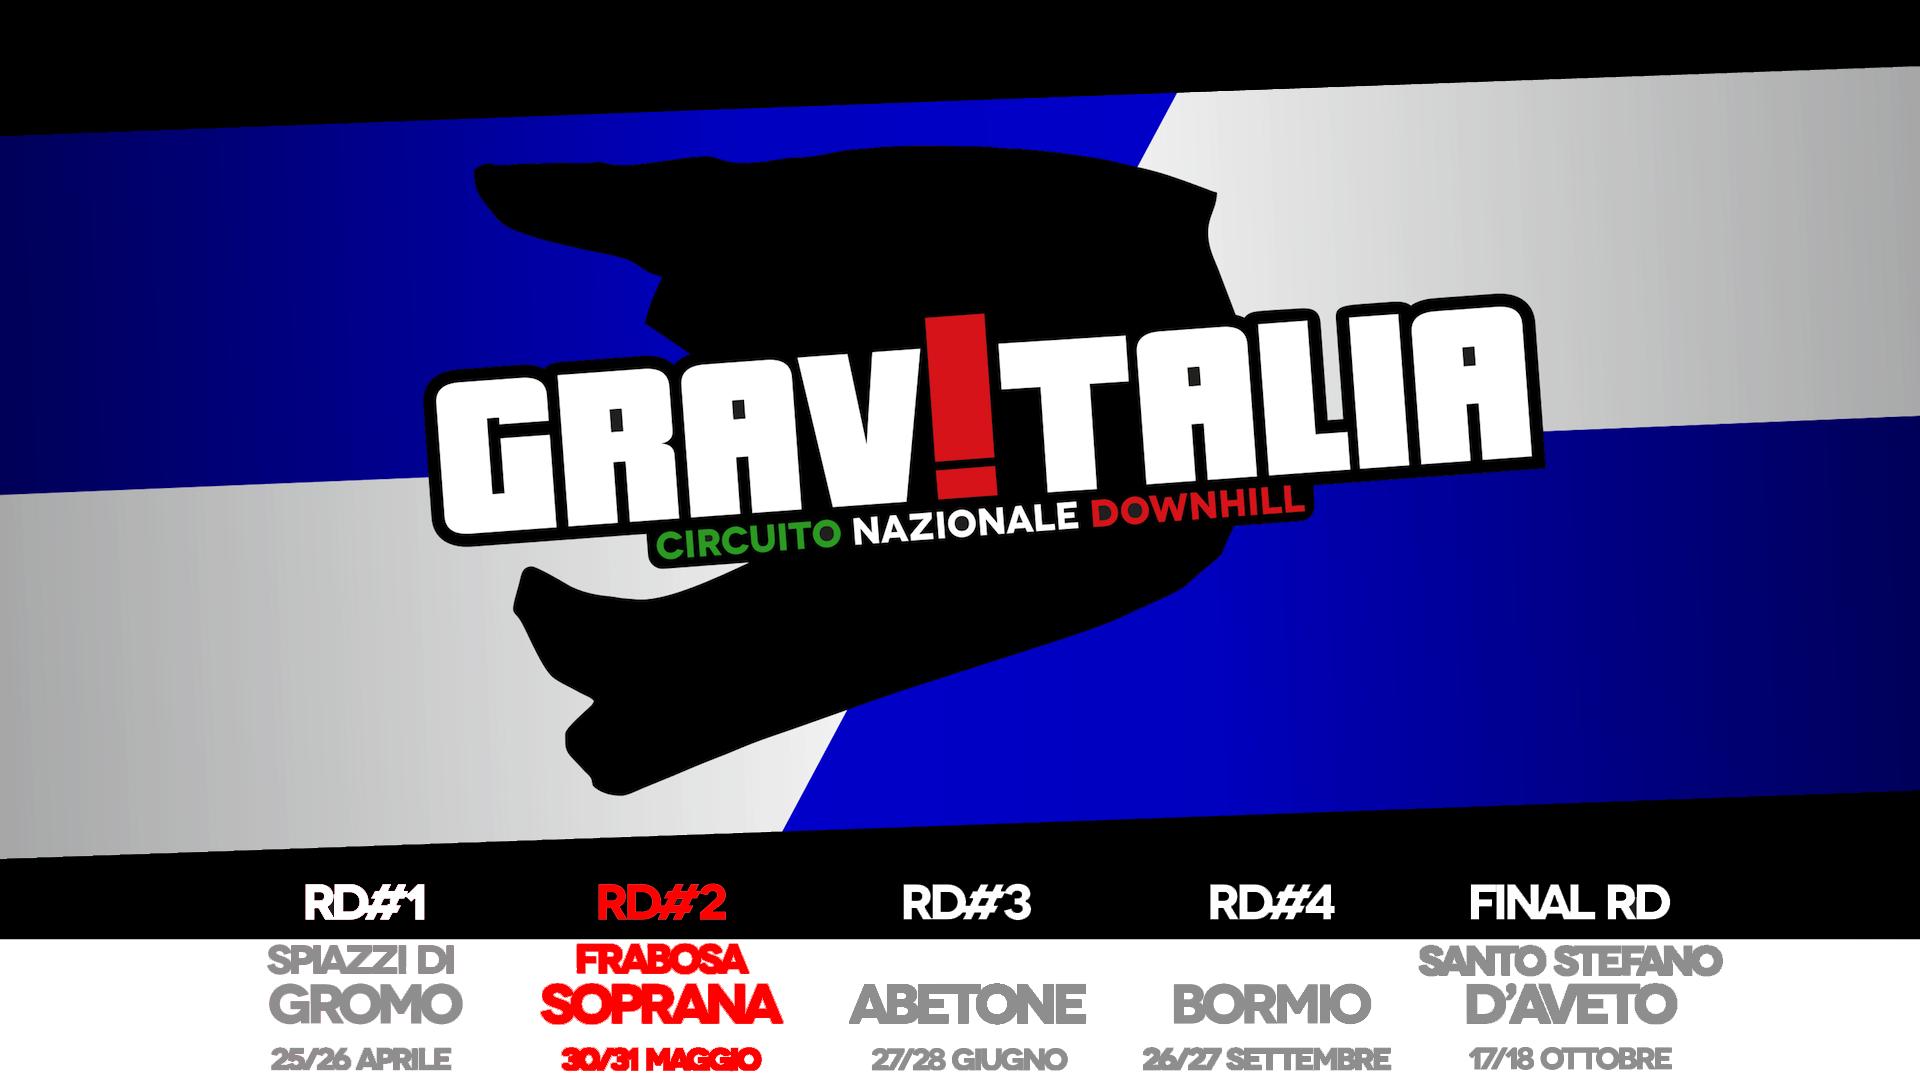 gravitalia_2015_frabosa_soprana-preview